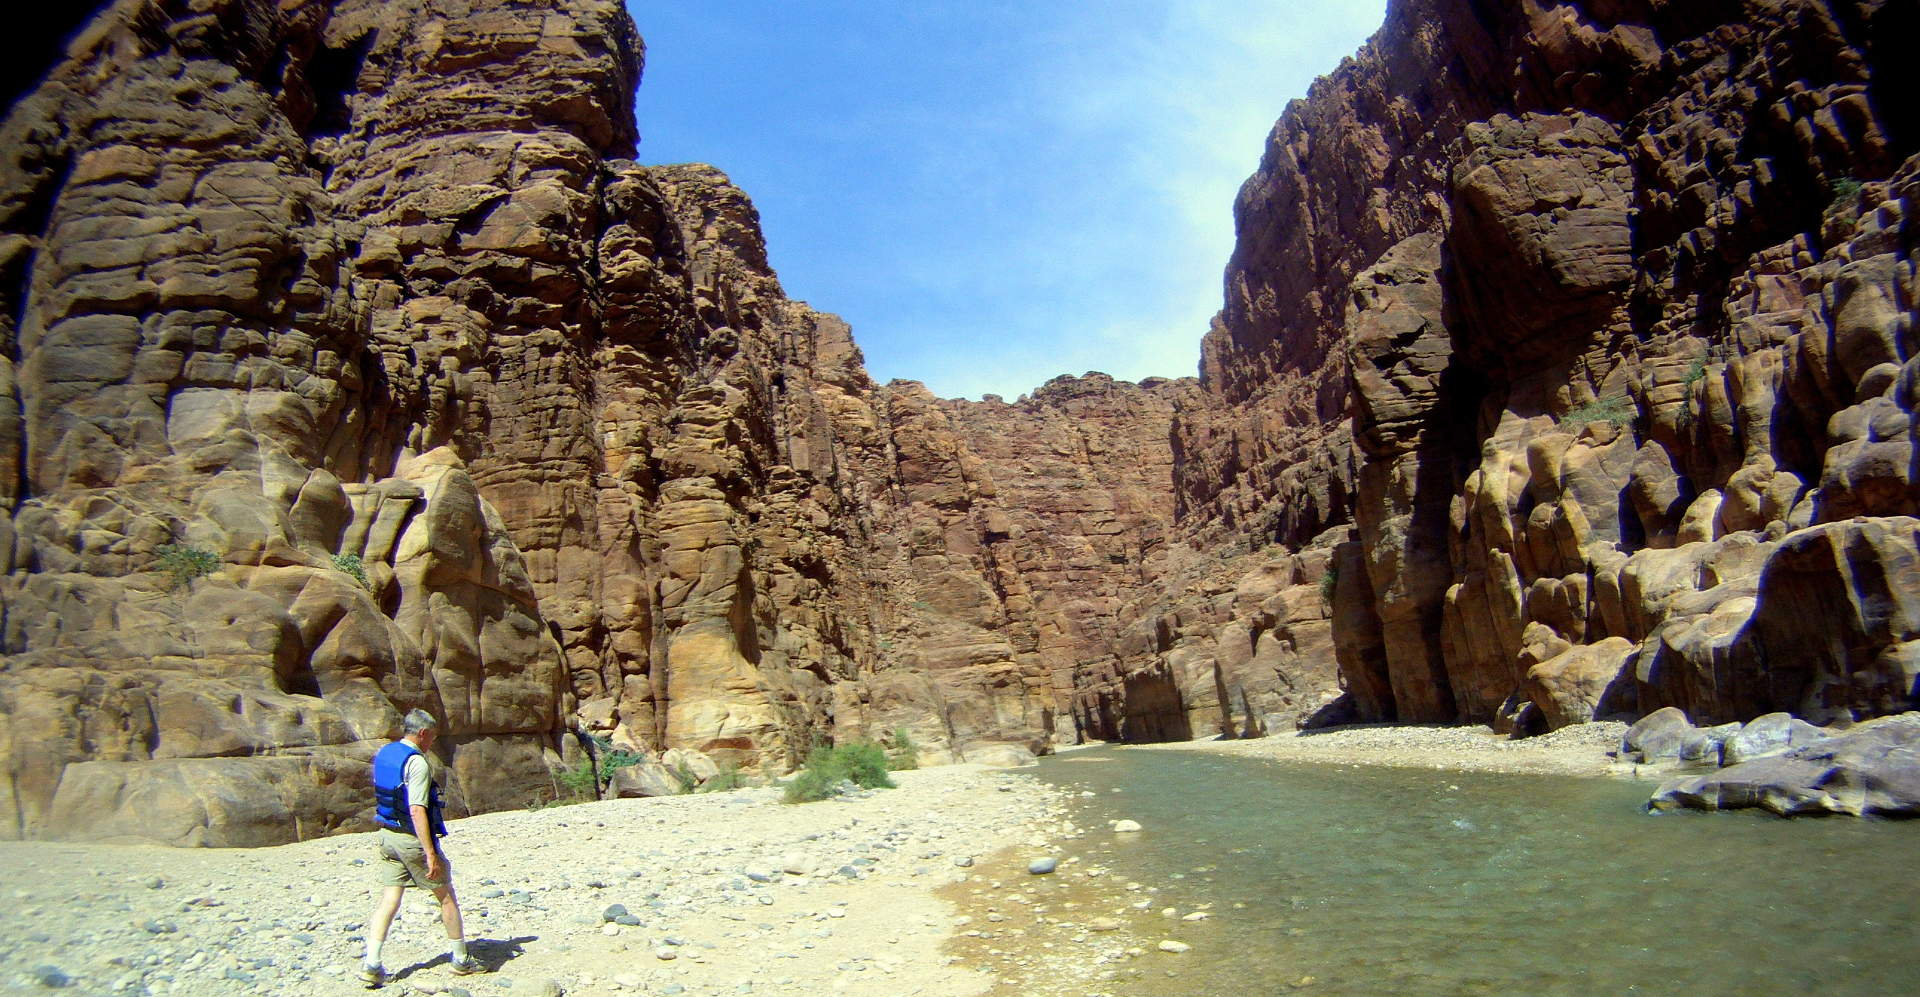 Wadi Mujib Siq Trail